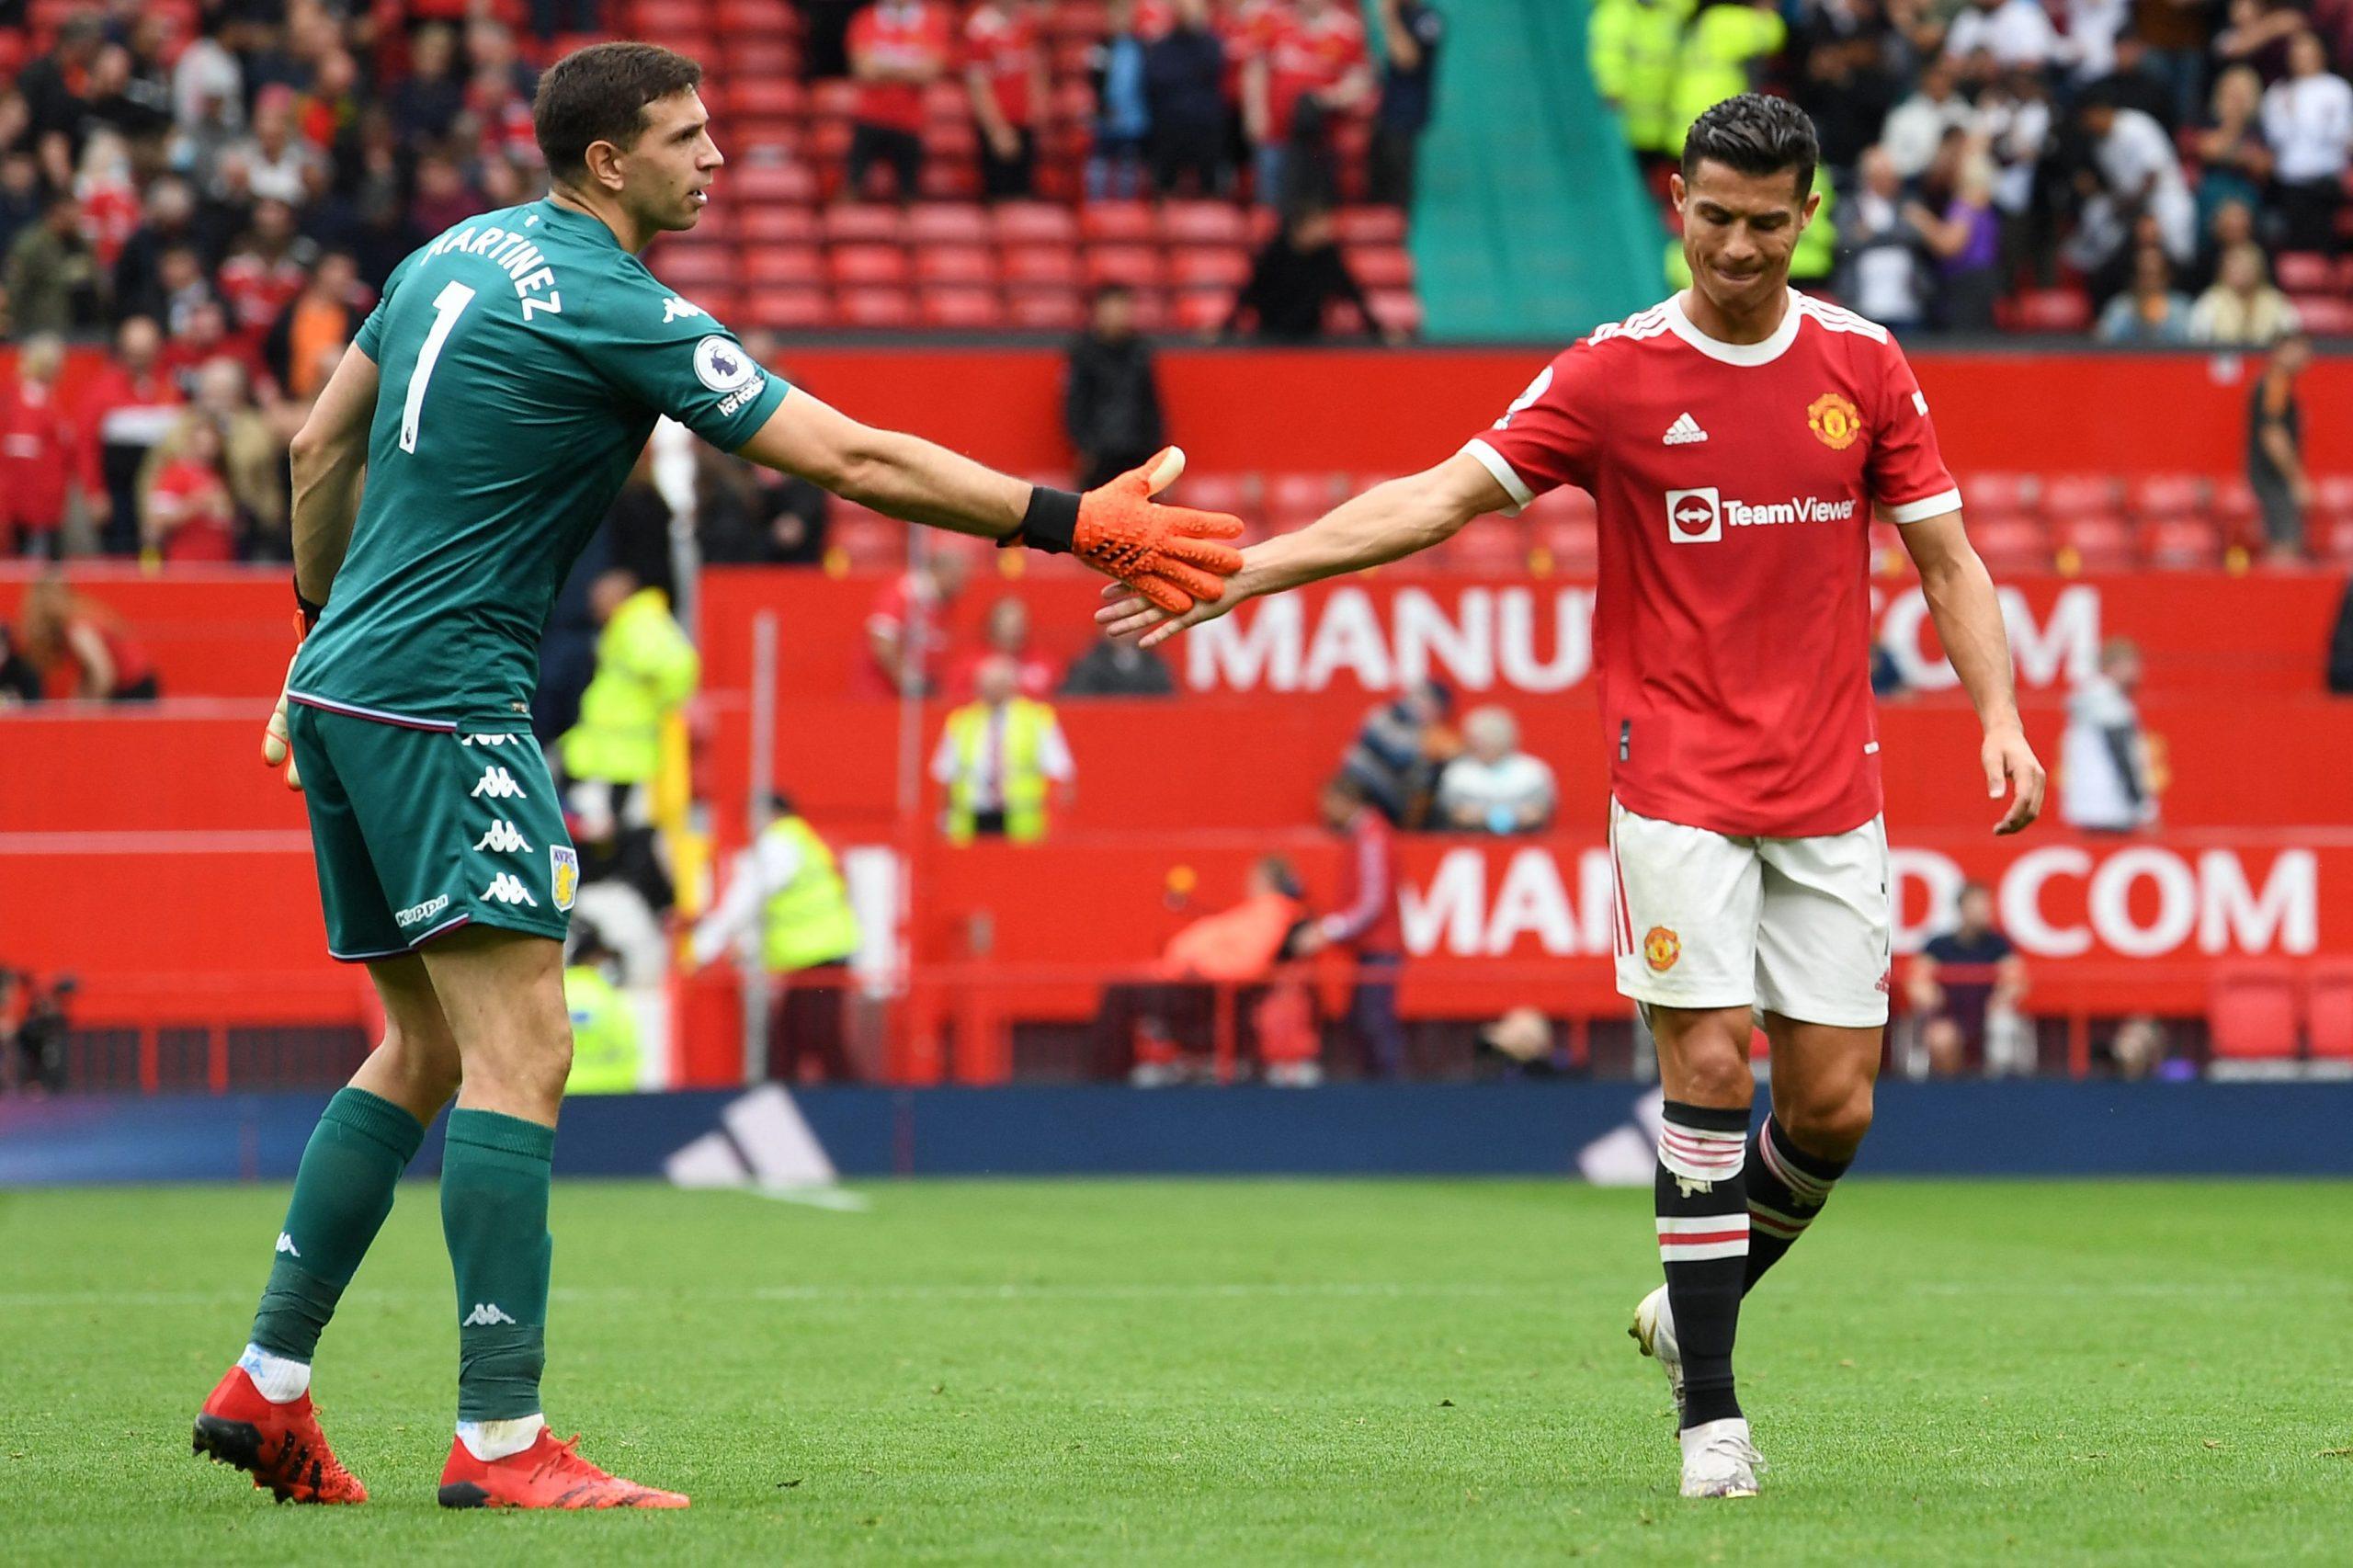 Emiliano'dra 'Martínez se robó el show ante el Manchester United con su desafío a Cristiano - Prensa Libre